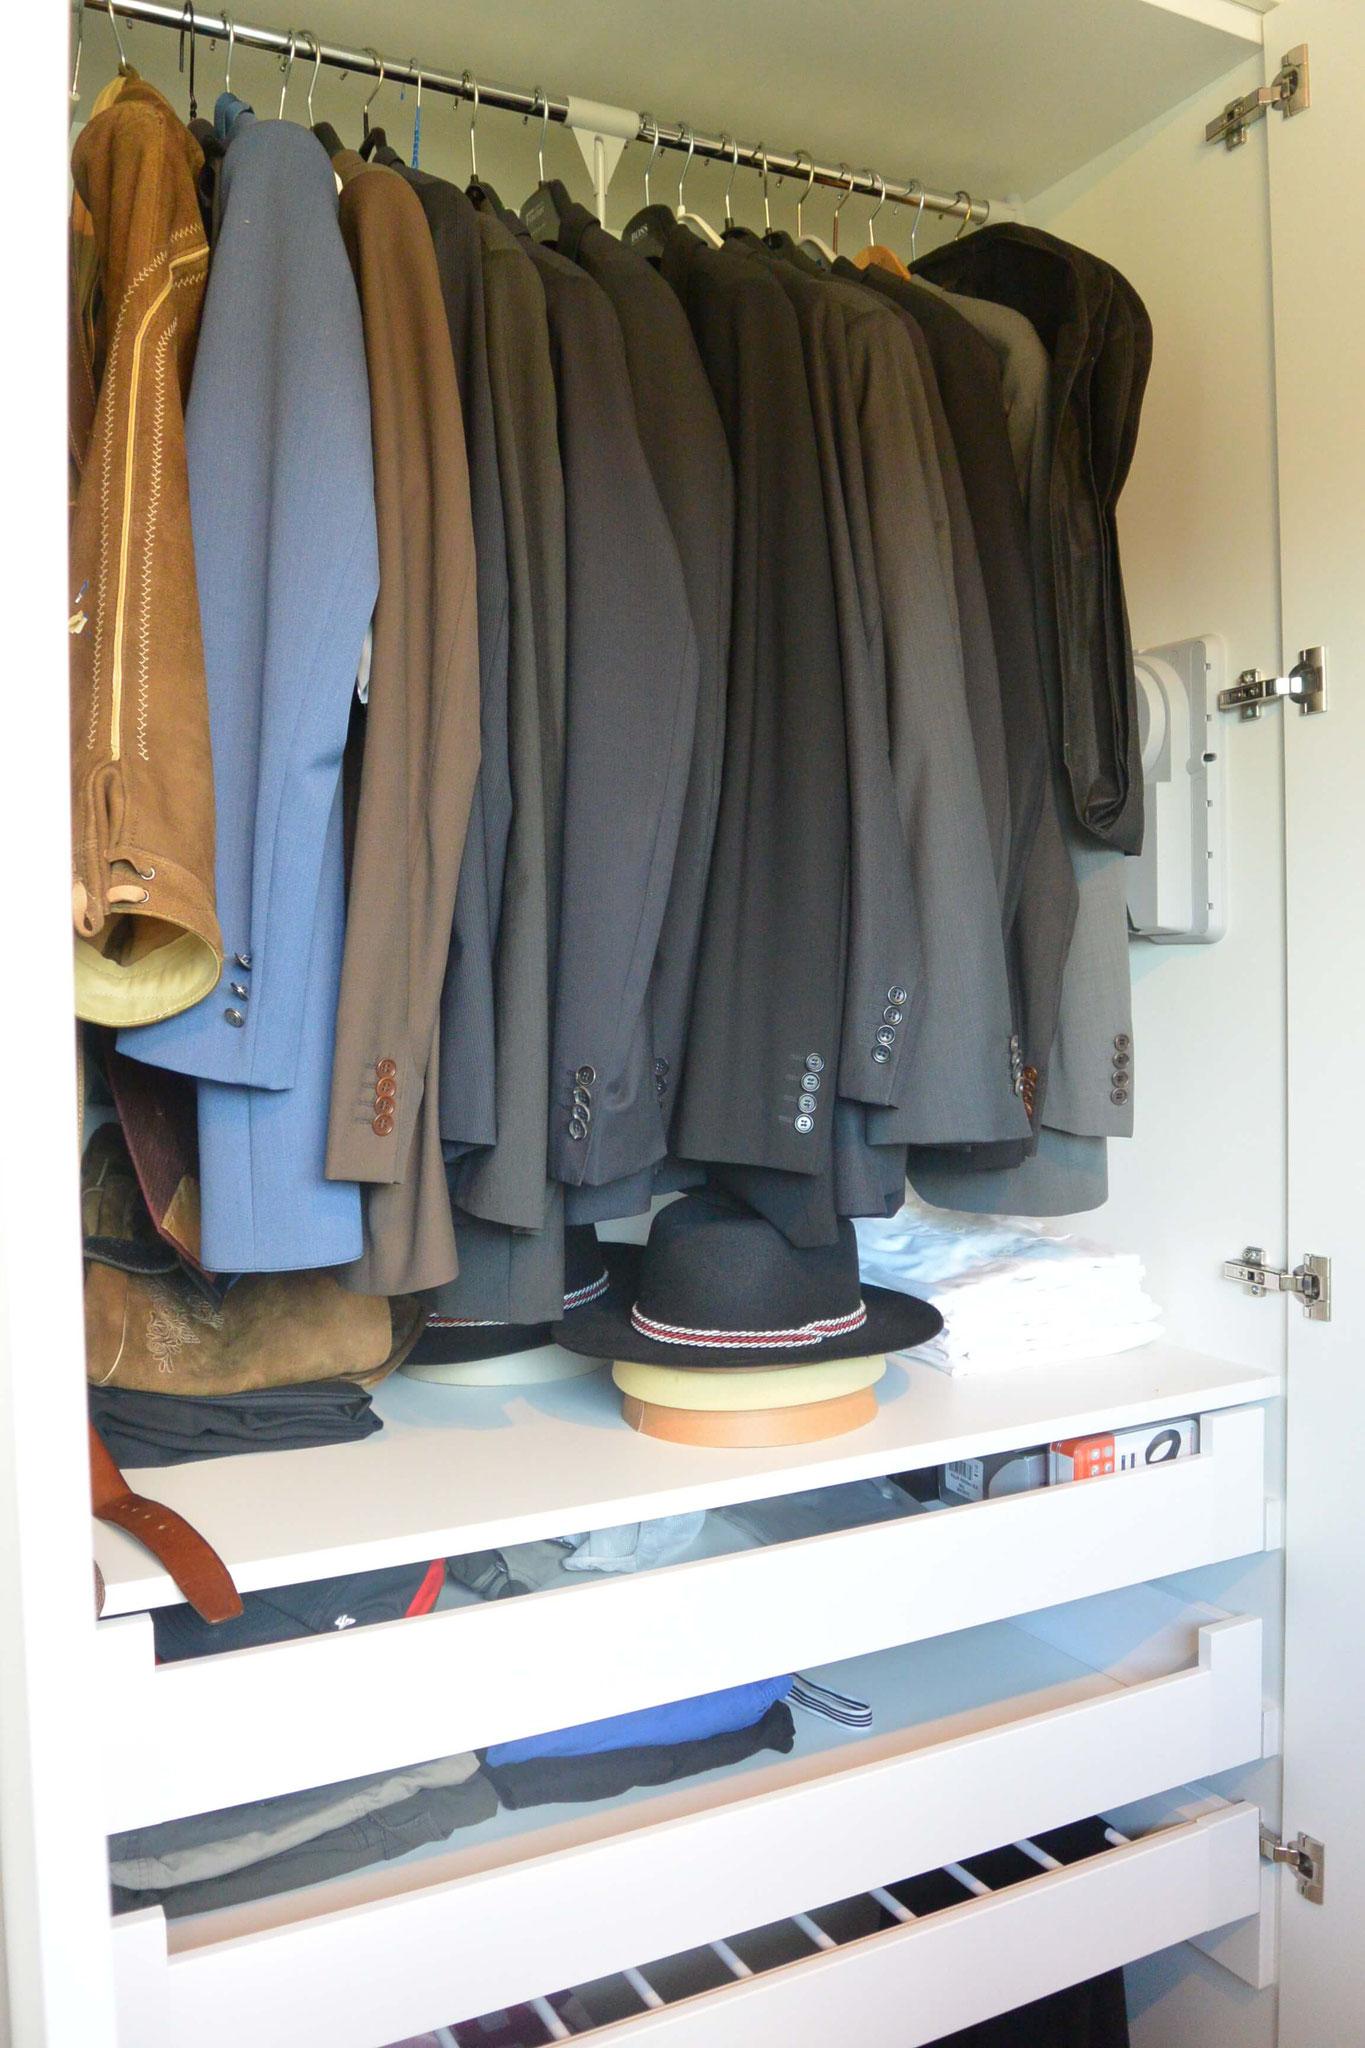 Kleiderlift für Anzüge und darunter liegendem Hosenhalter